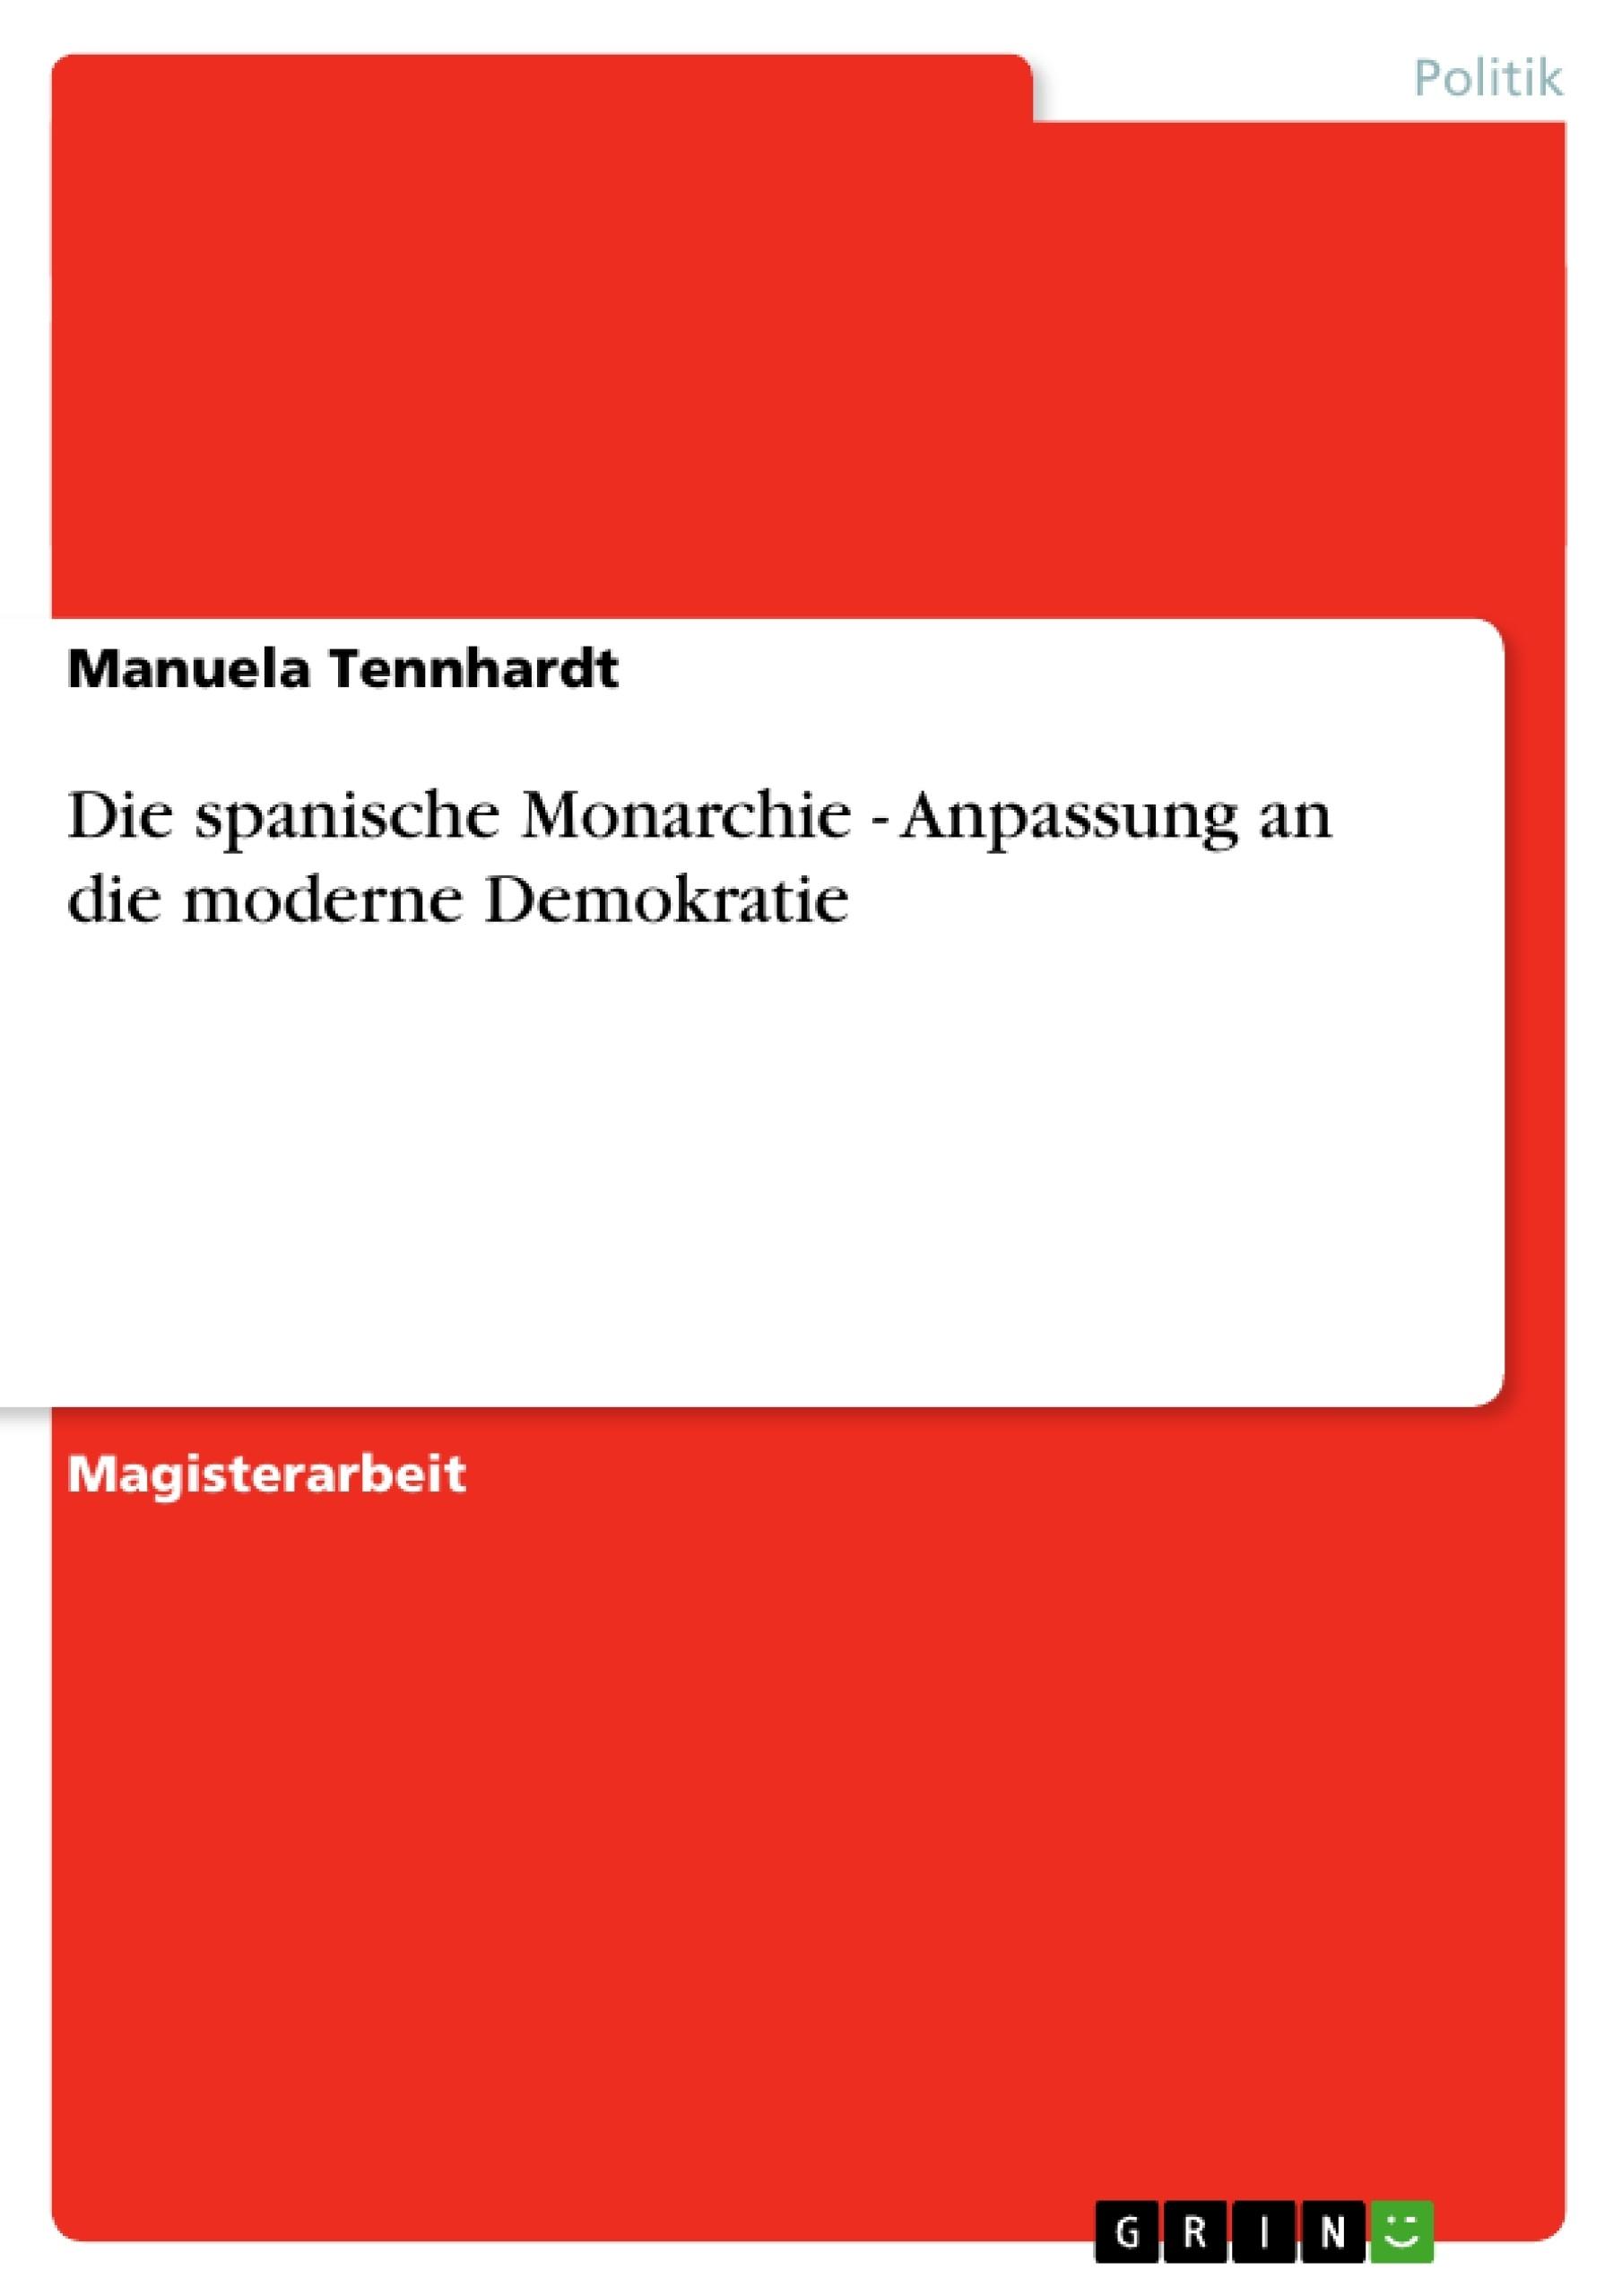 Titel: Die spanische Monarchie - Anpassung an die moderne Demokratie